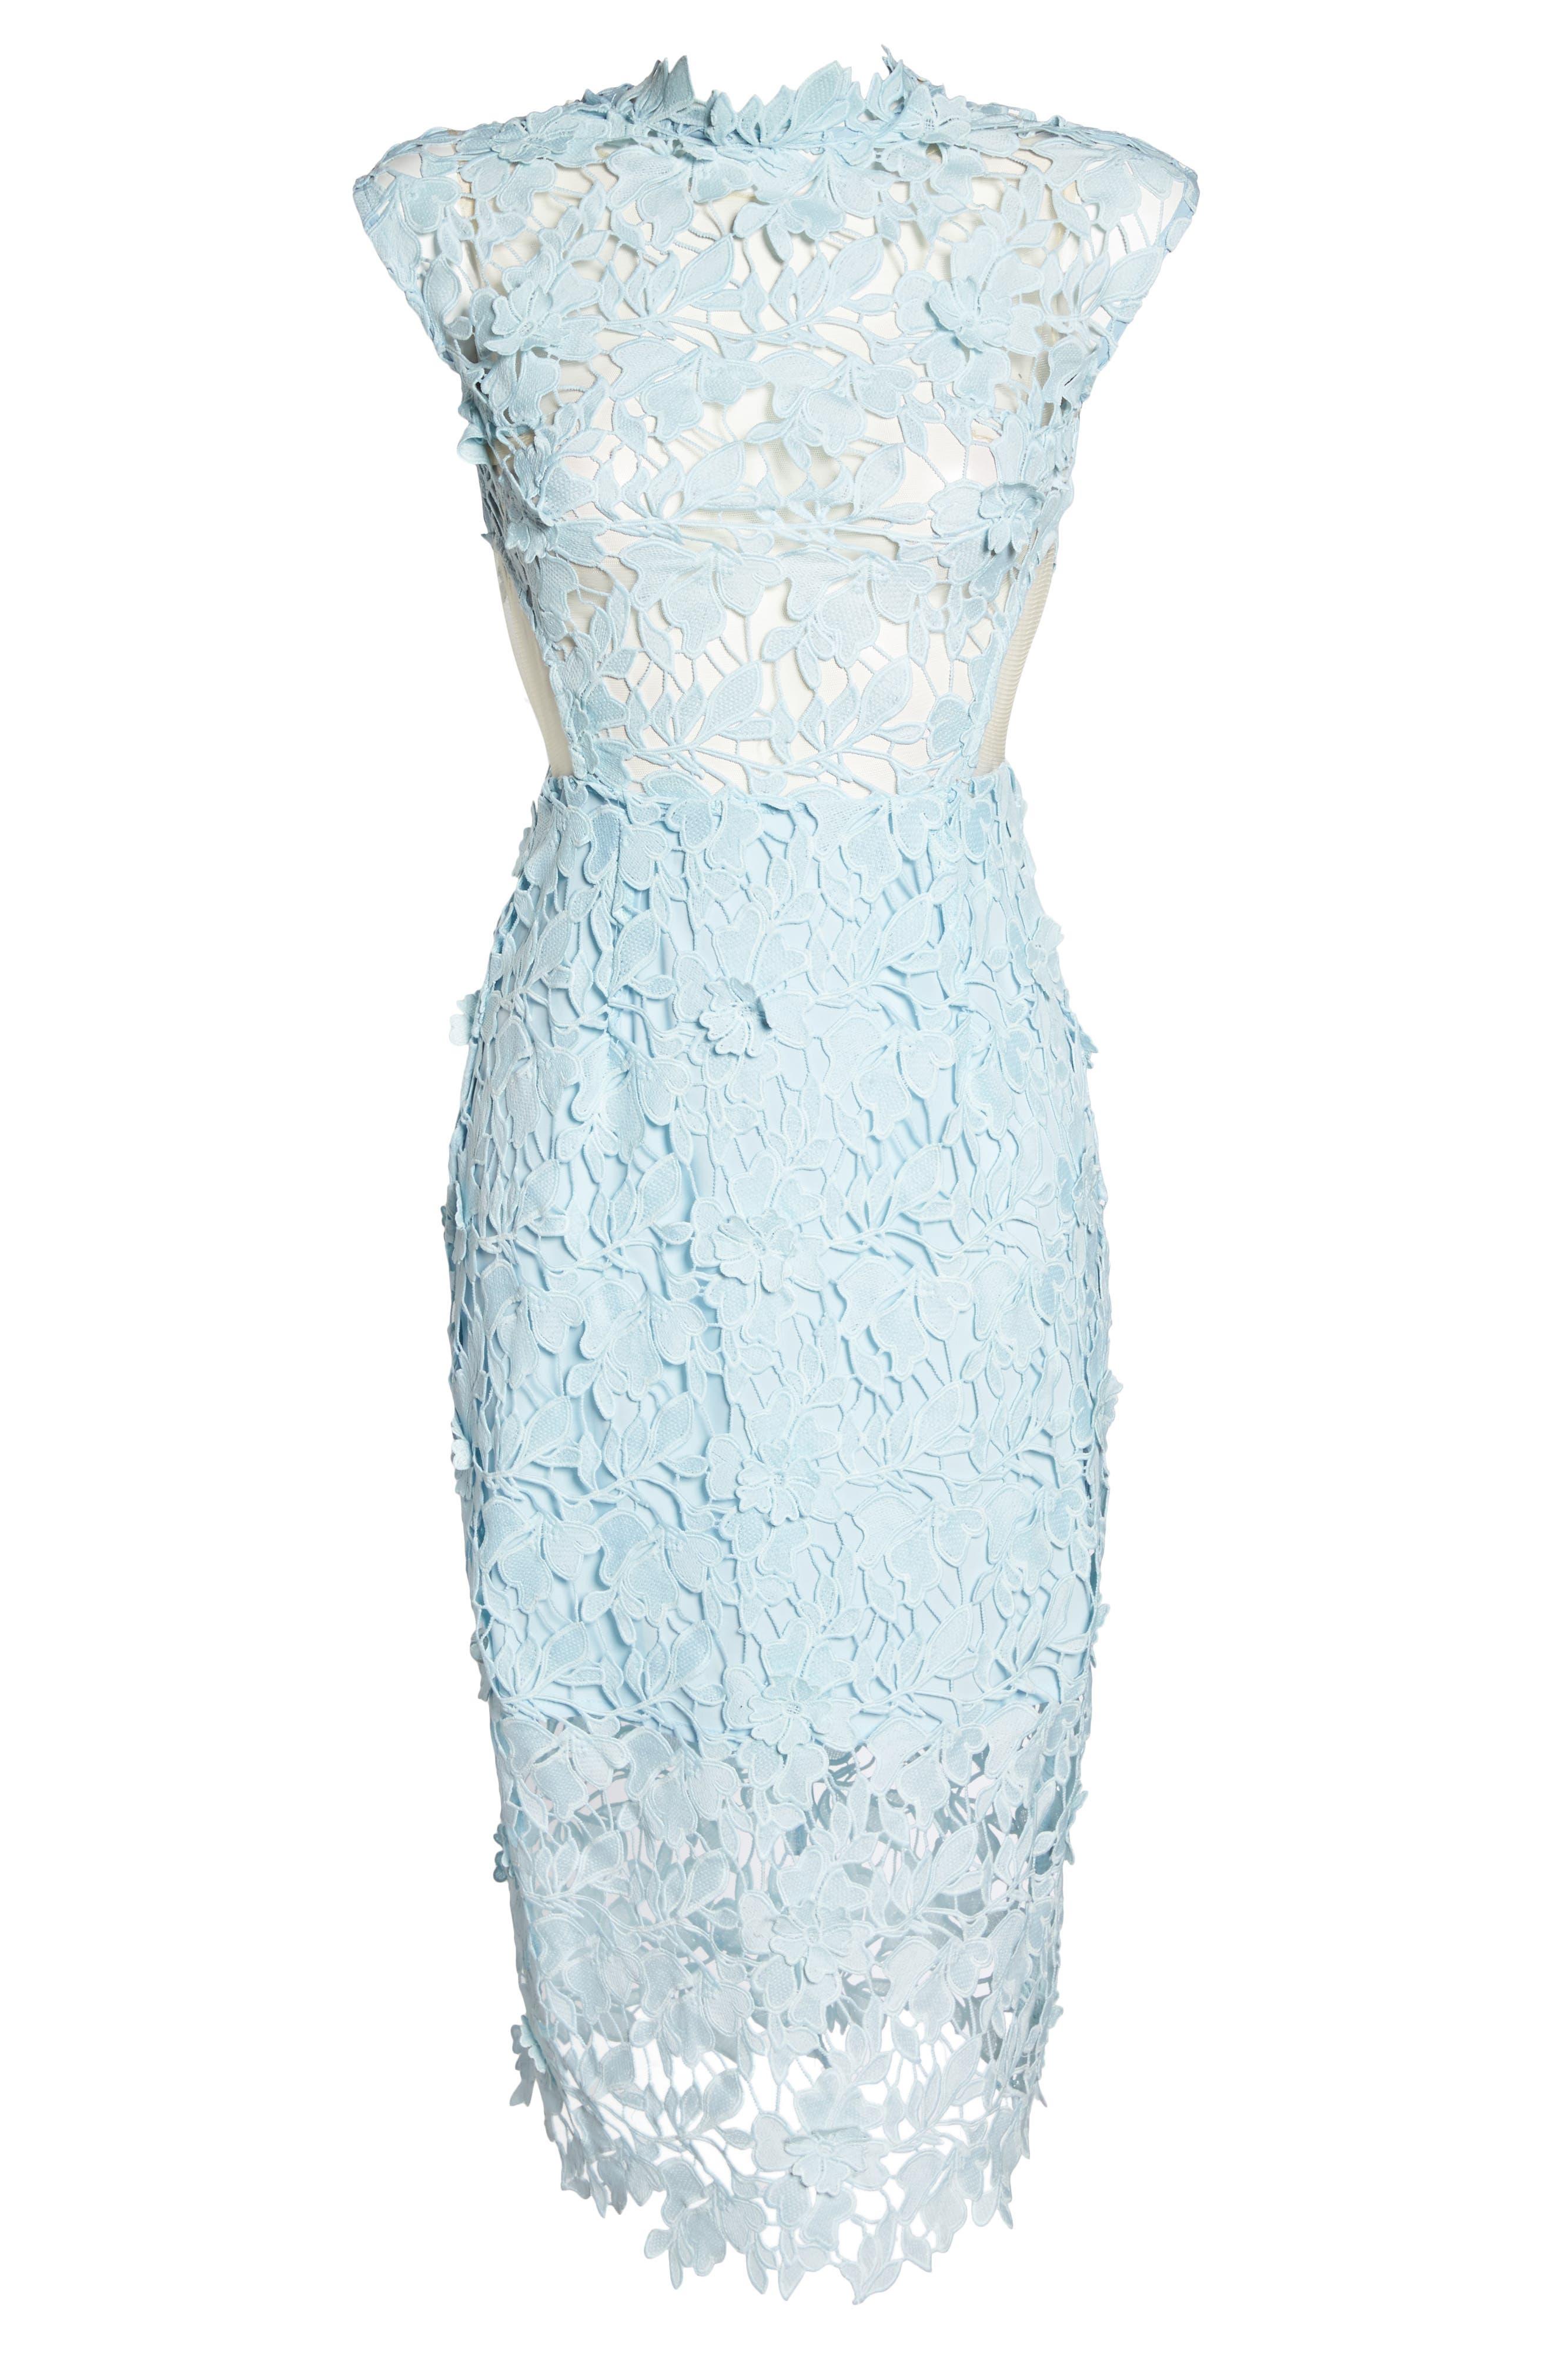 Lidia Lace Midi Dress,                             Alternate thumbnail 6, color,                             Blue